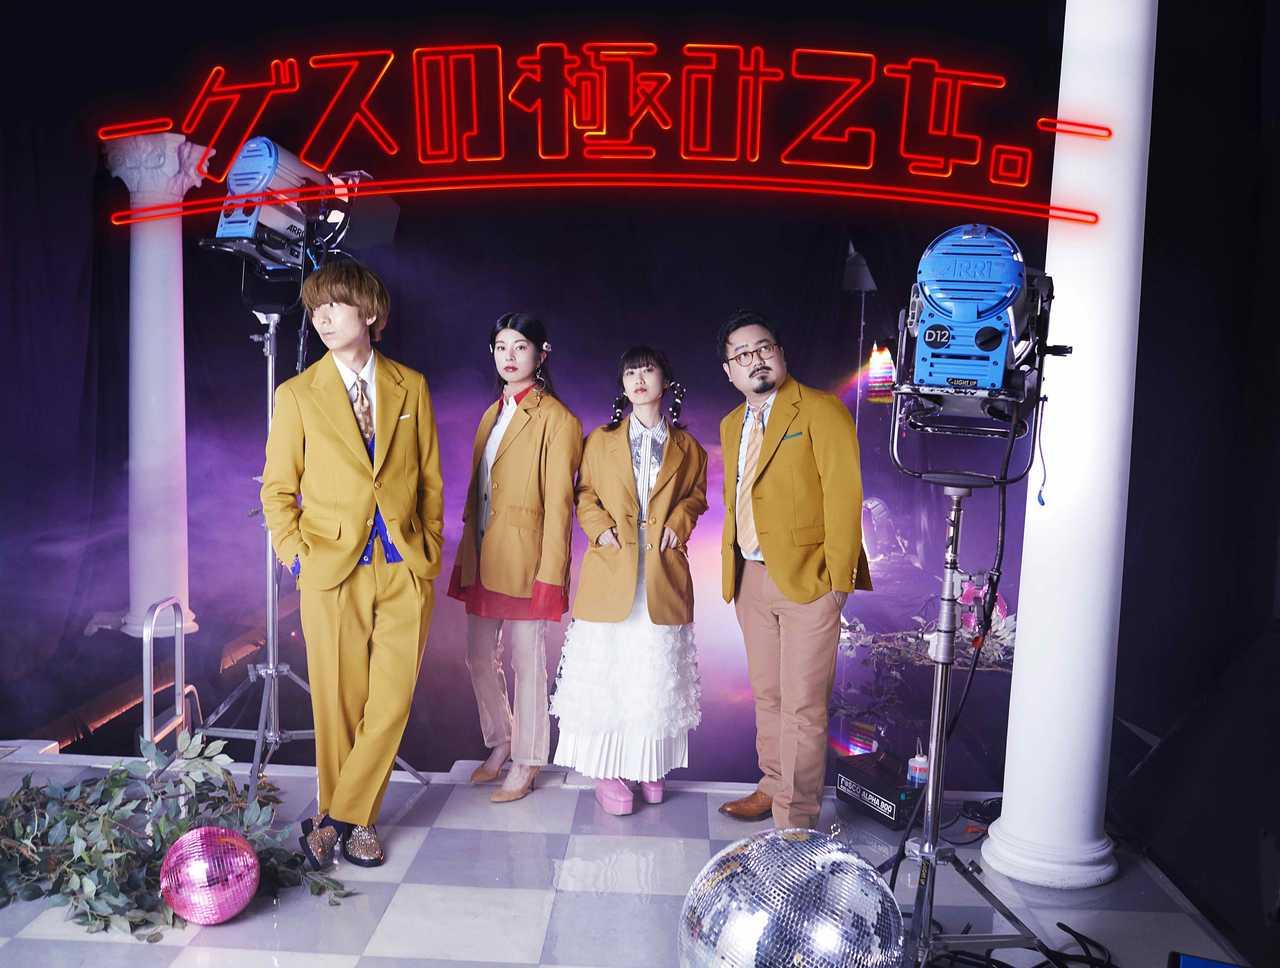 ゲスの極み乙女。2020年4月にニューアルバムリリース&全国ツアー発表!新曲配信も!